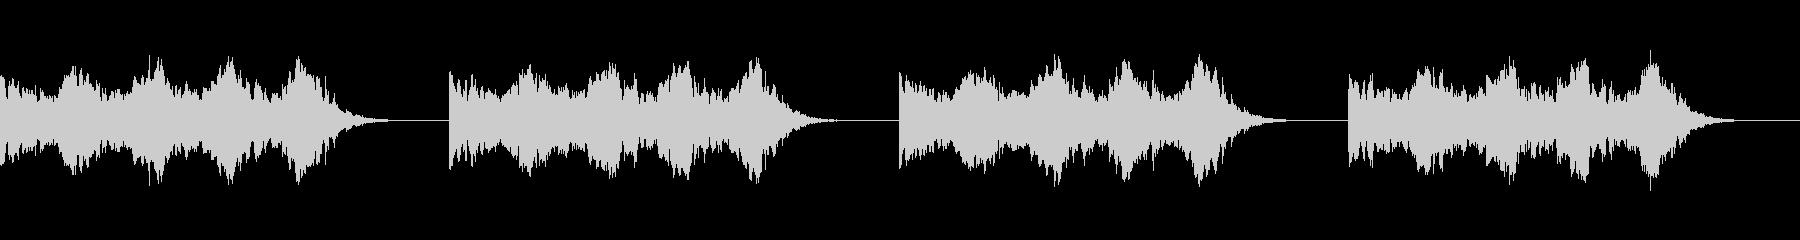 【アラーム01-2L】の未再生の波形